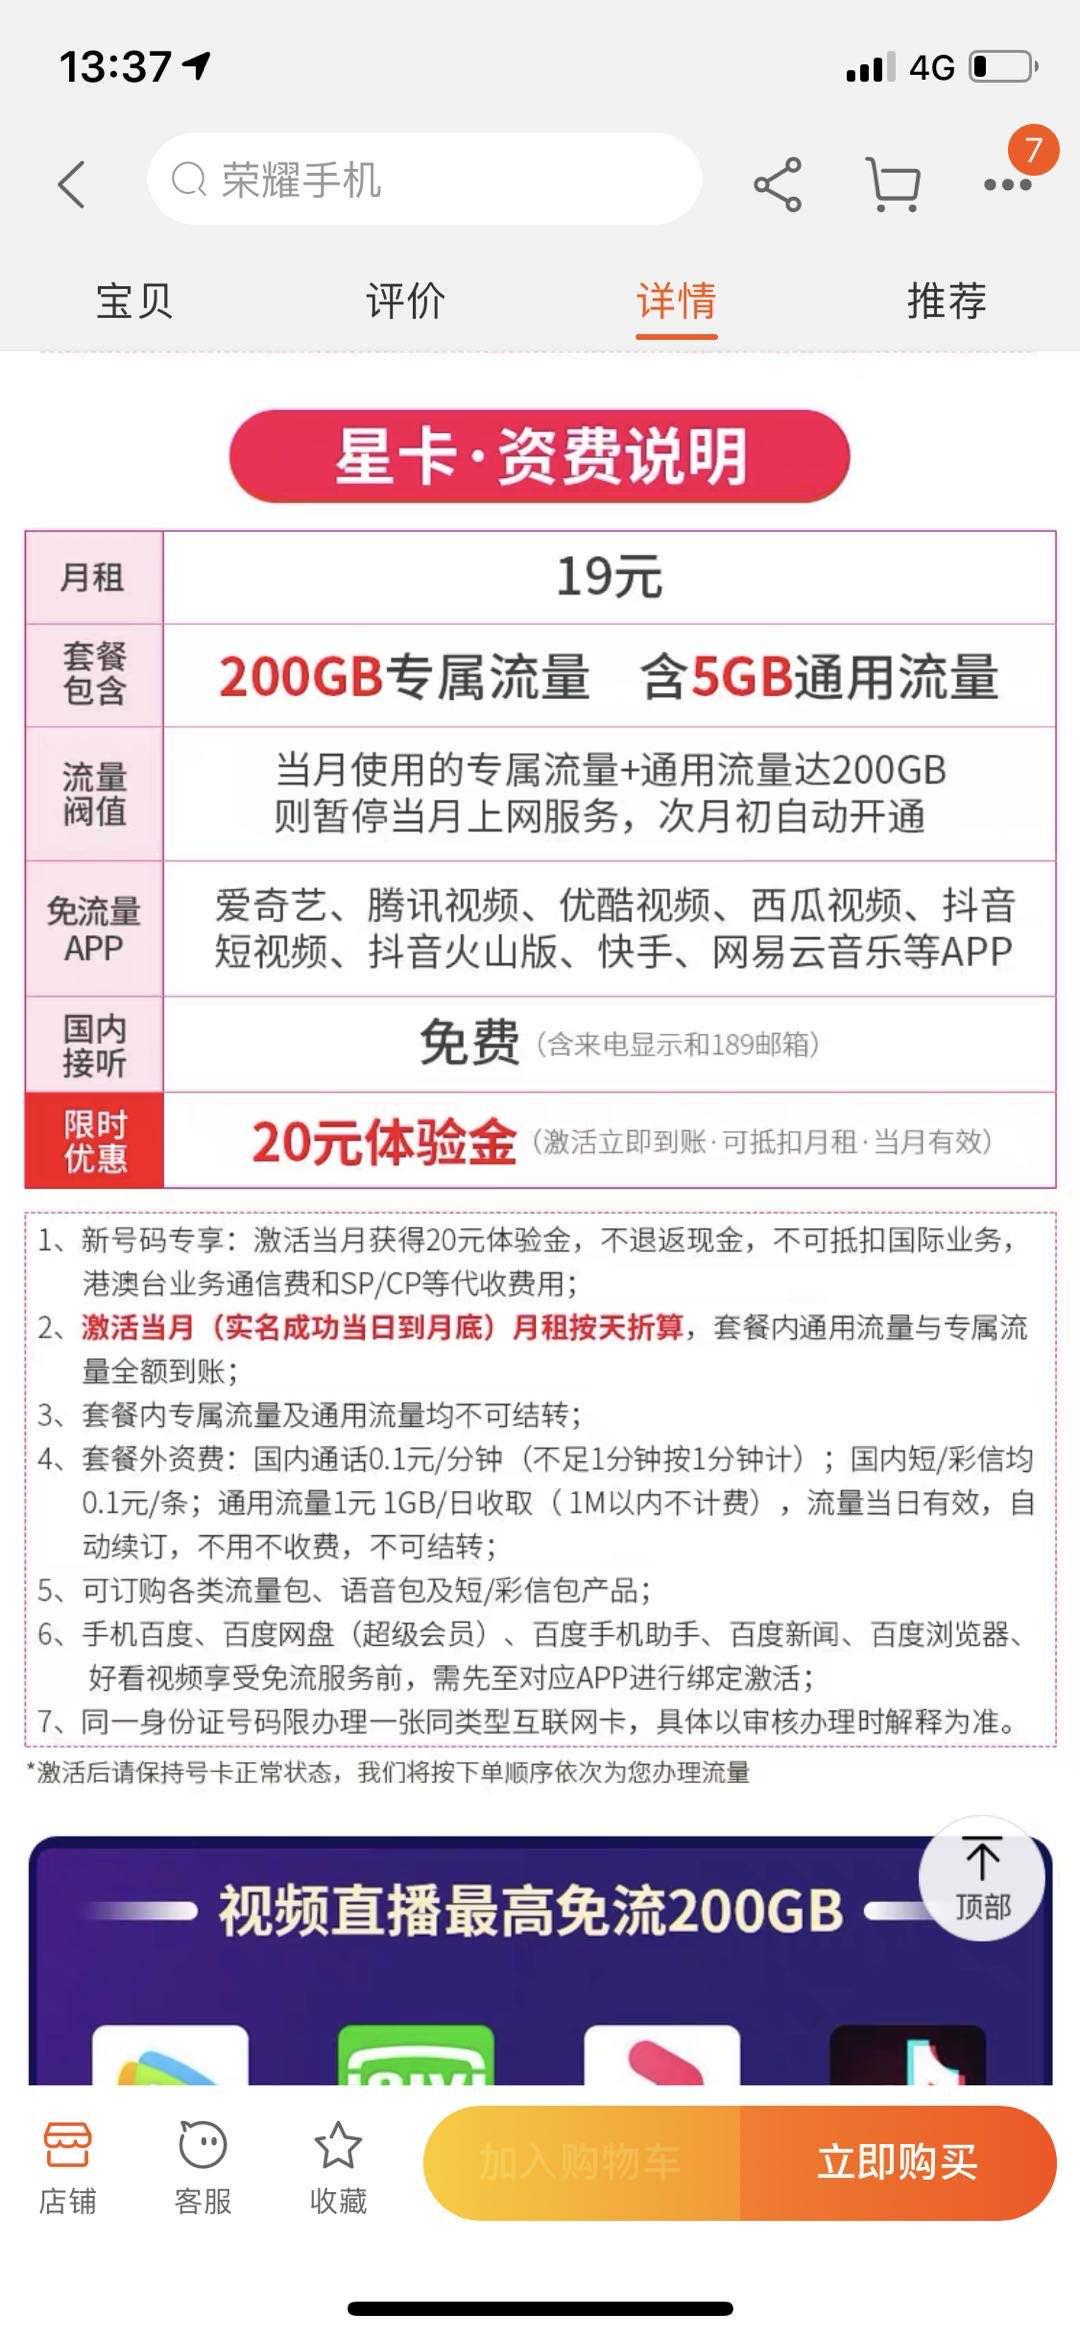 我也来分享个电信手机卡吧 19/月 5G通用 200G定向 长期套餐-图1